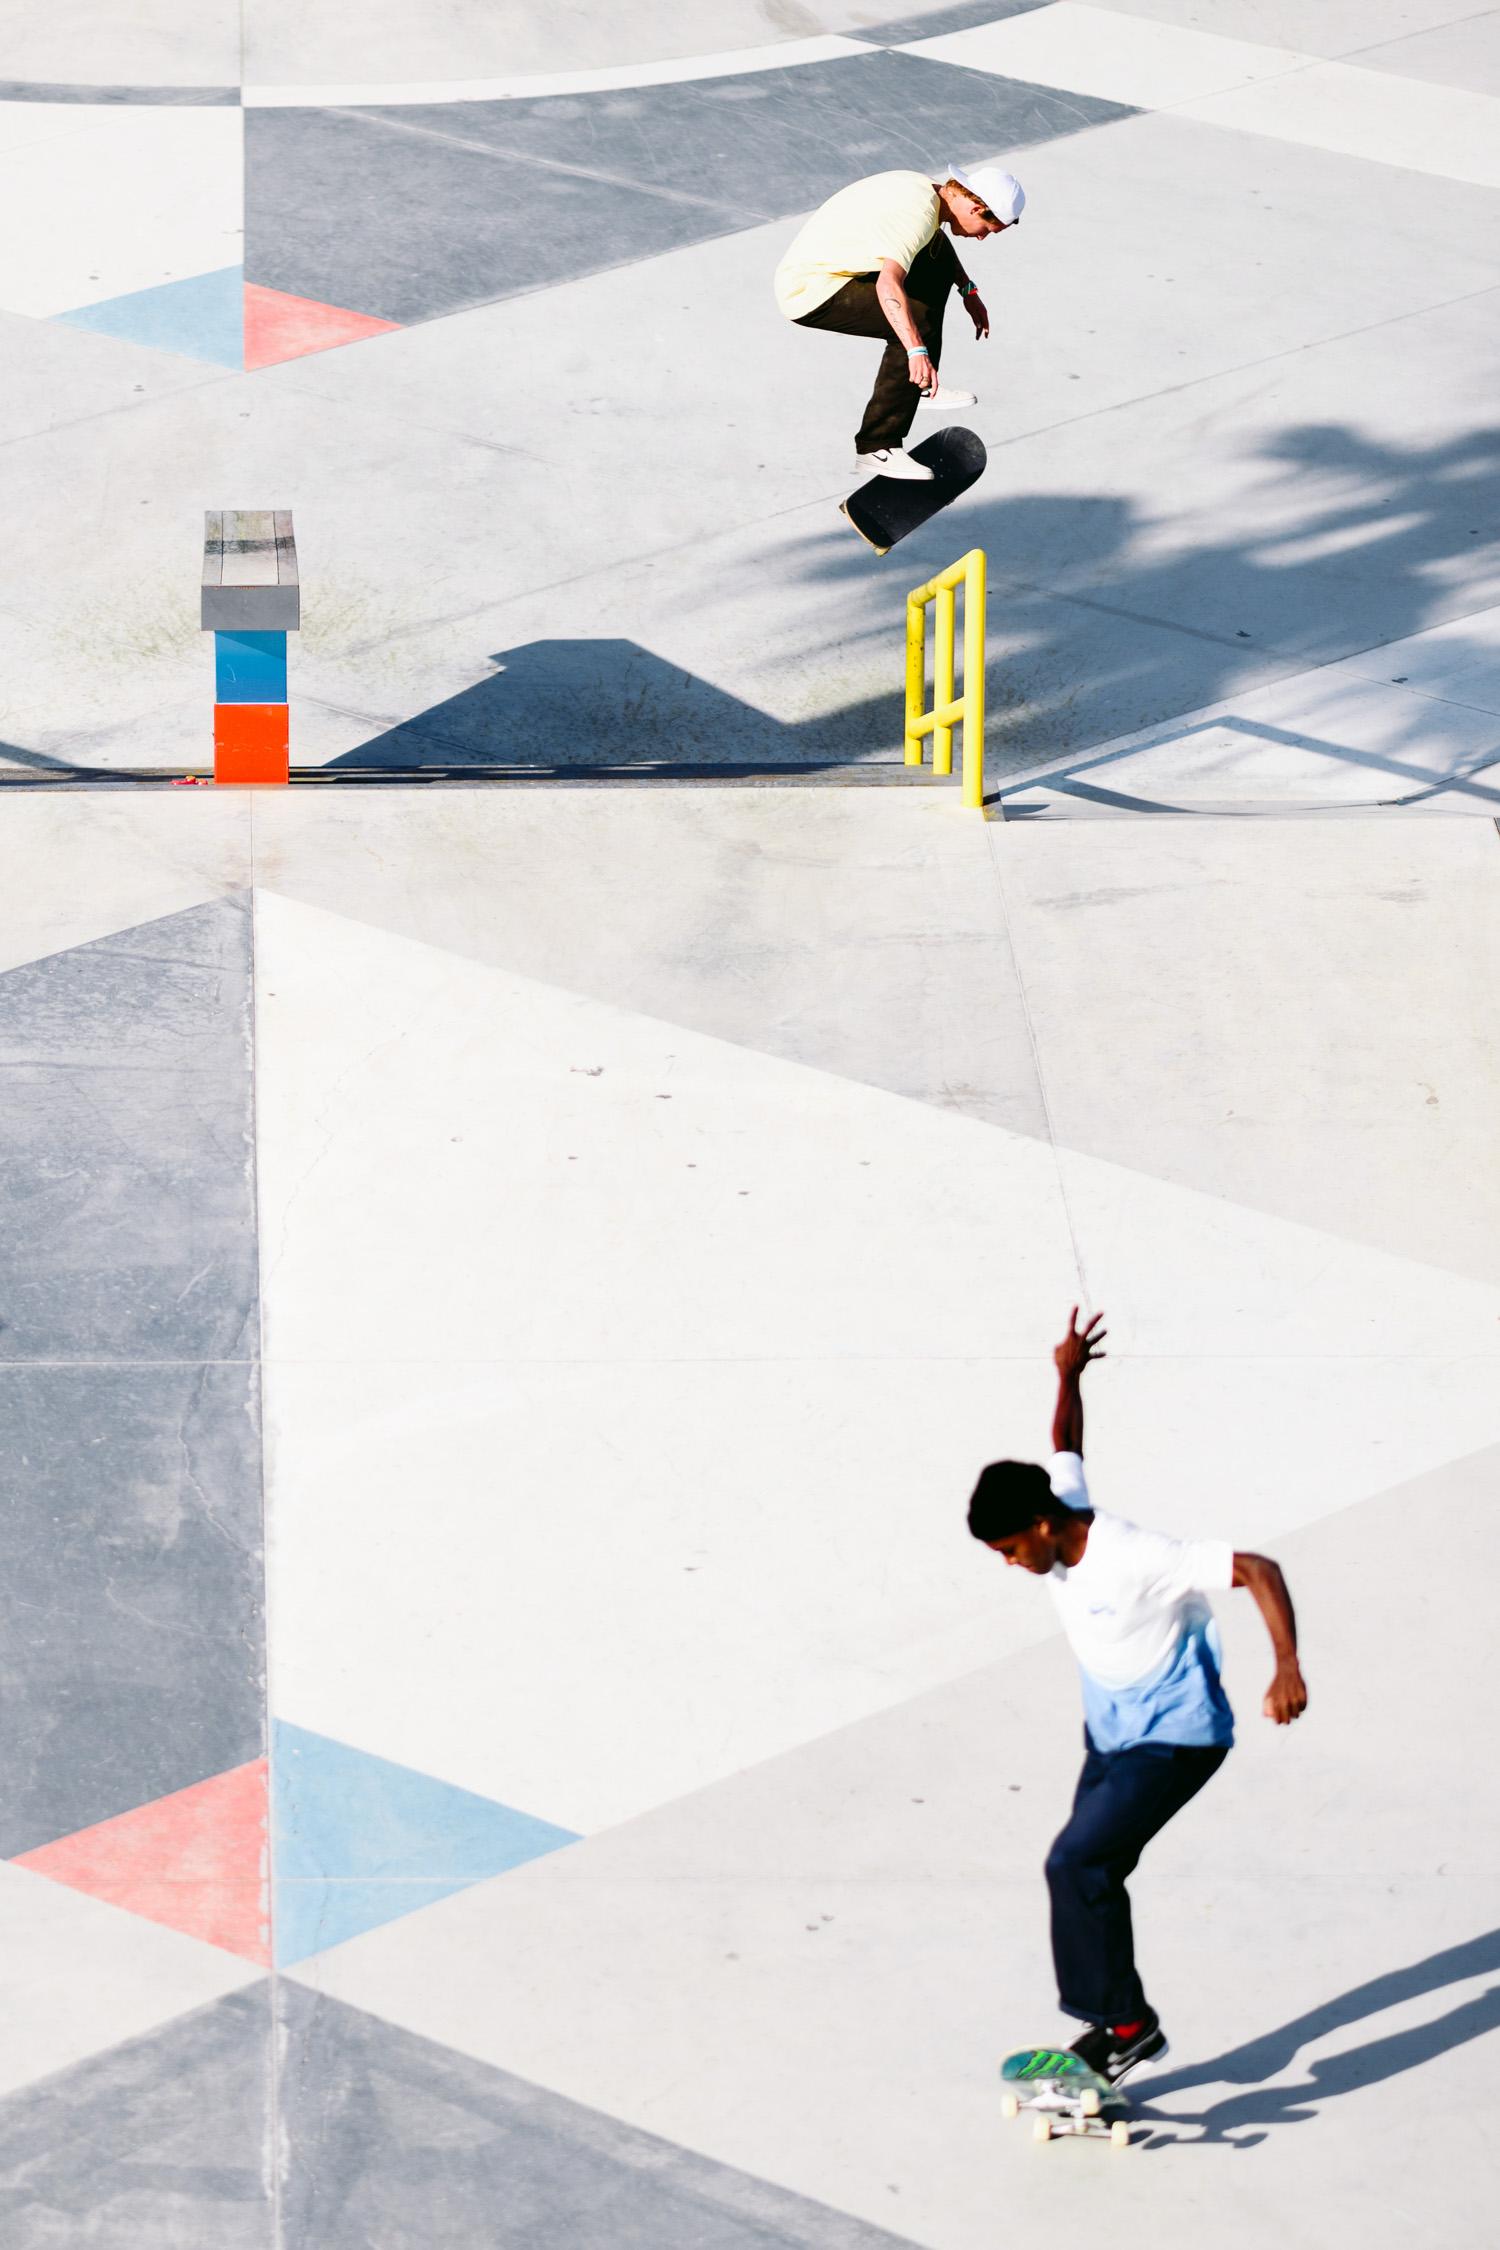 Justin Sommer Flip FS Boardslide